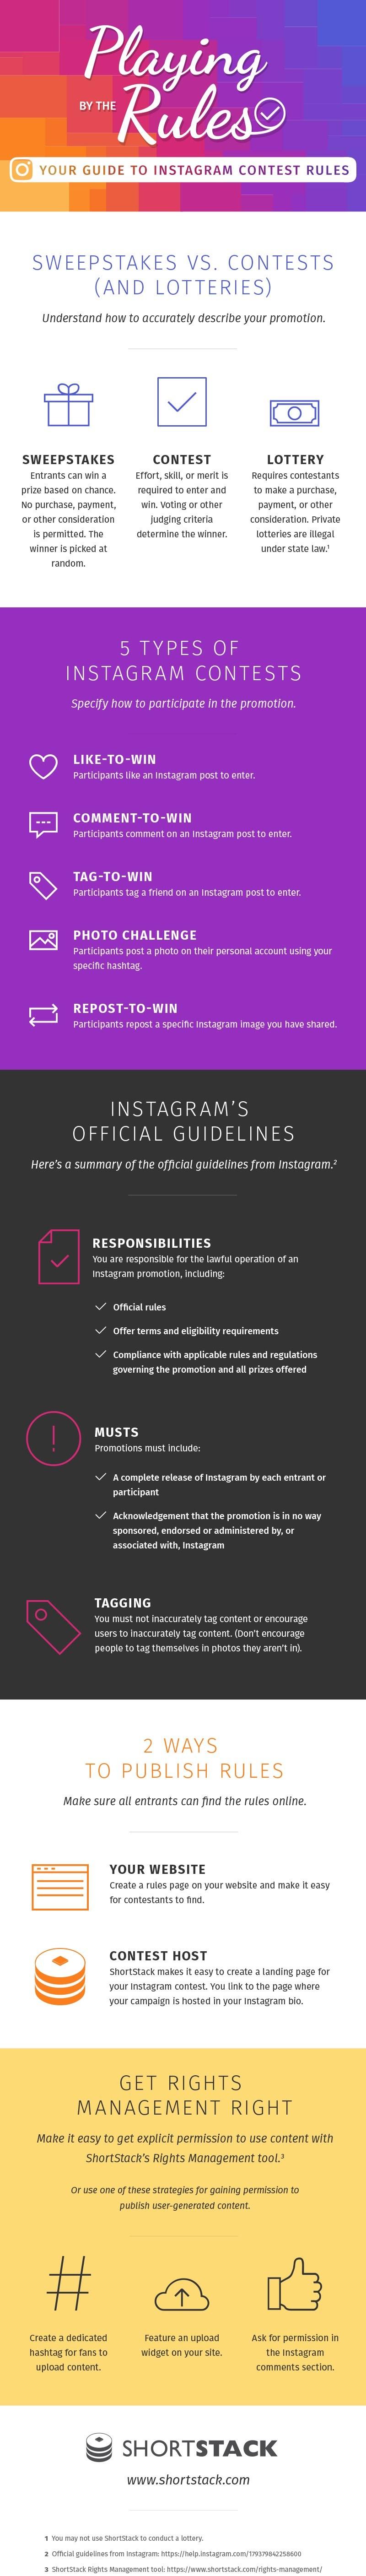 ¿Por qué la regla de Concursos de Instagram? para Jugar según las Reglas [Infographic] | Social Media Today